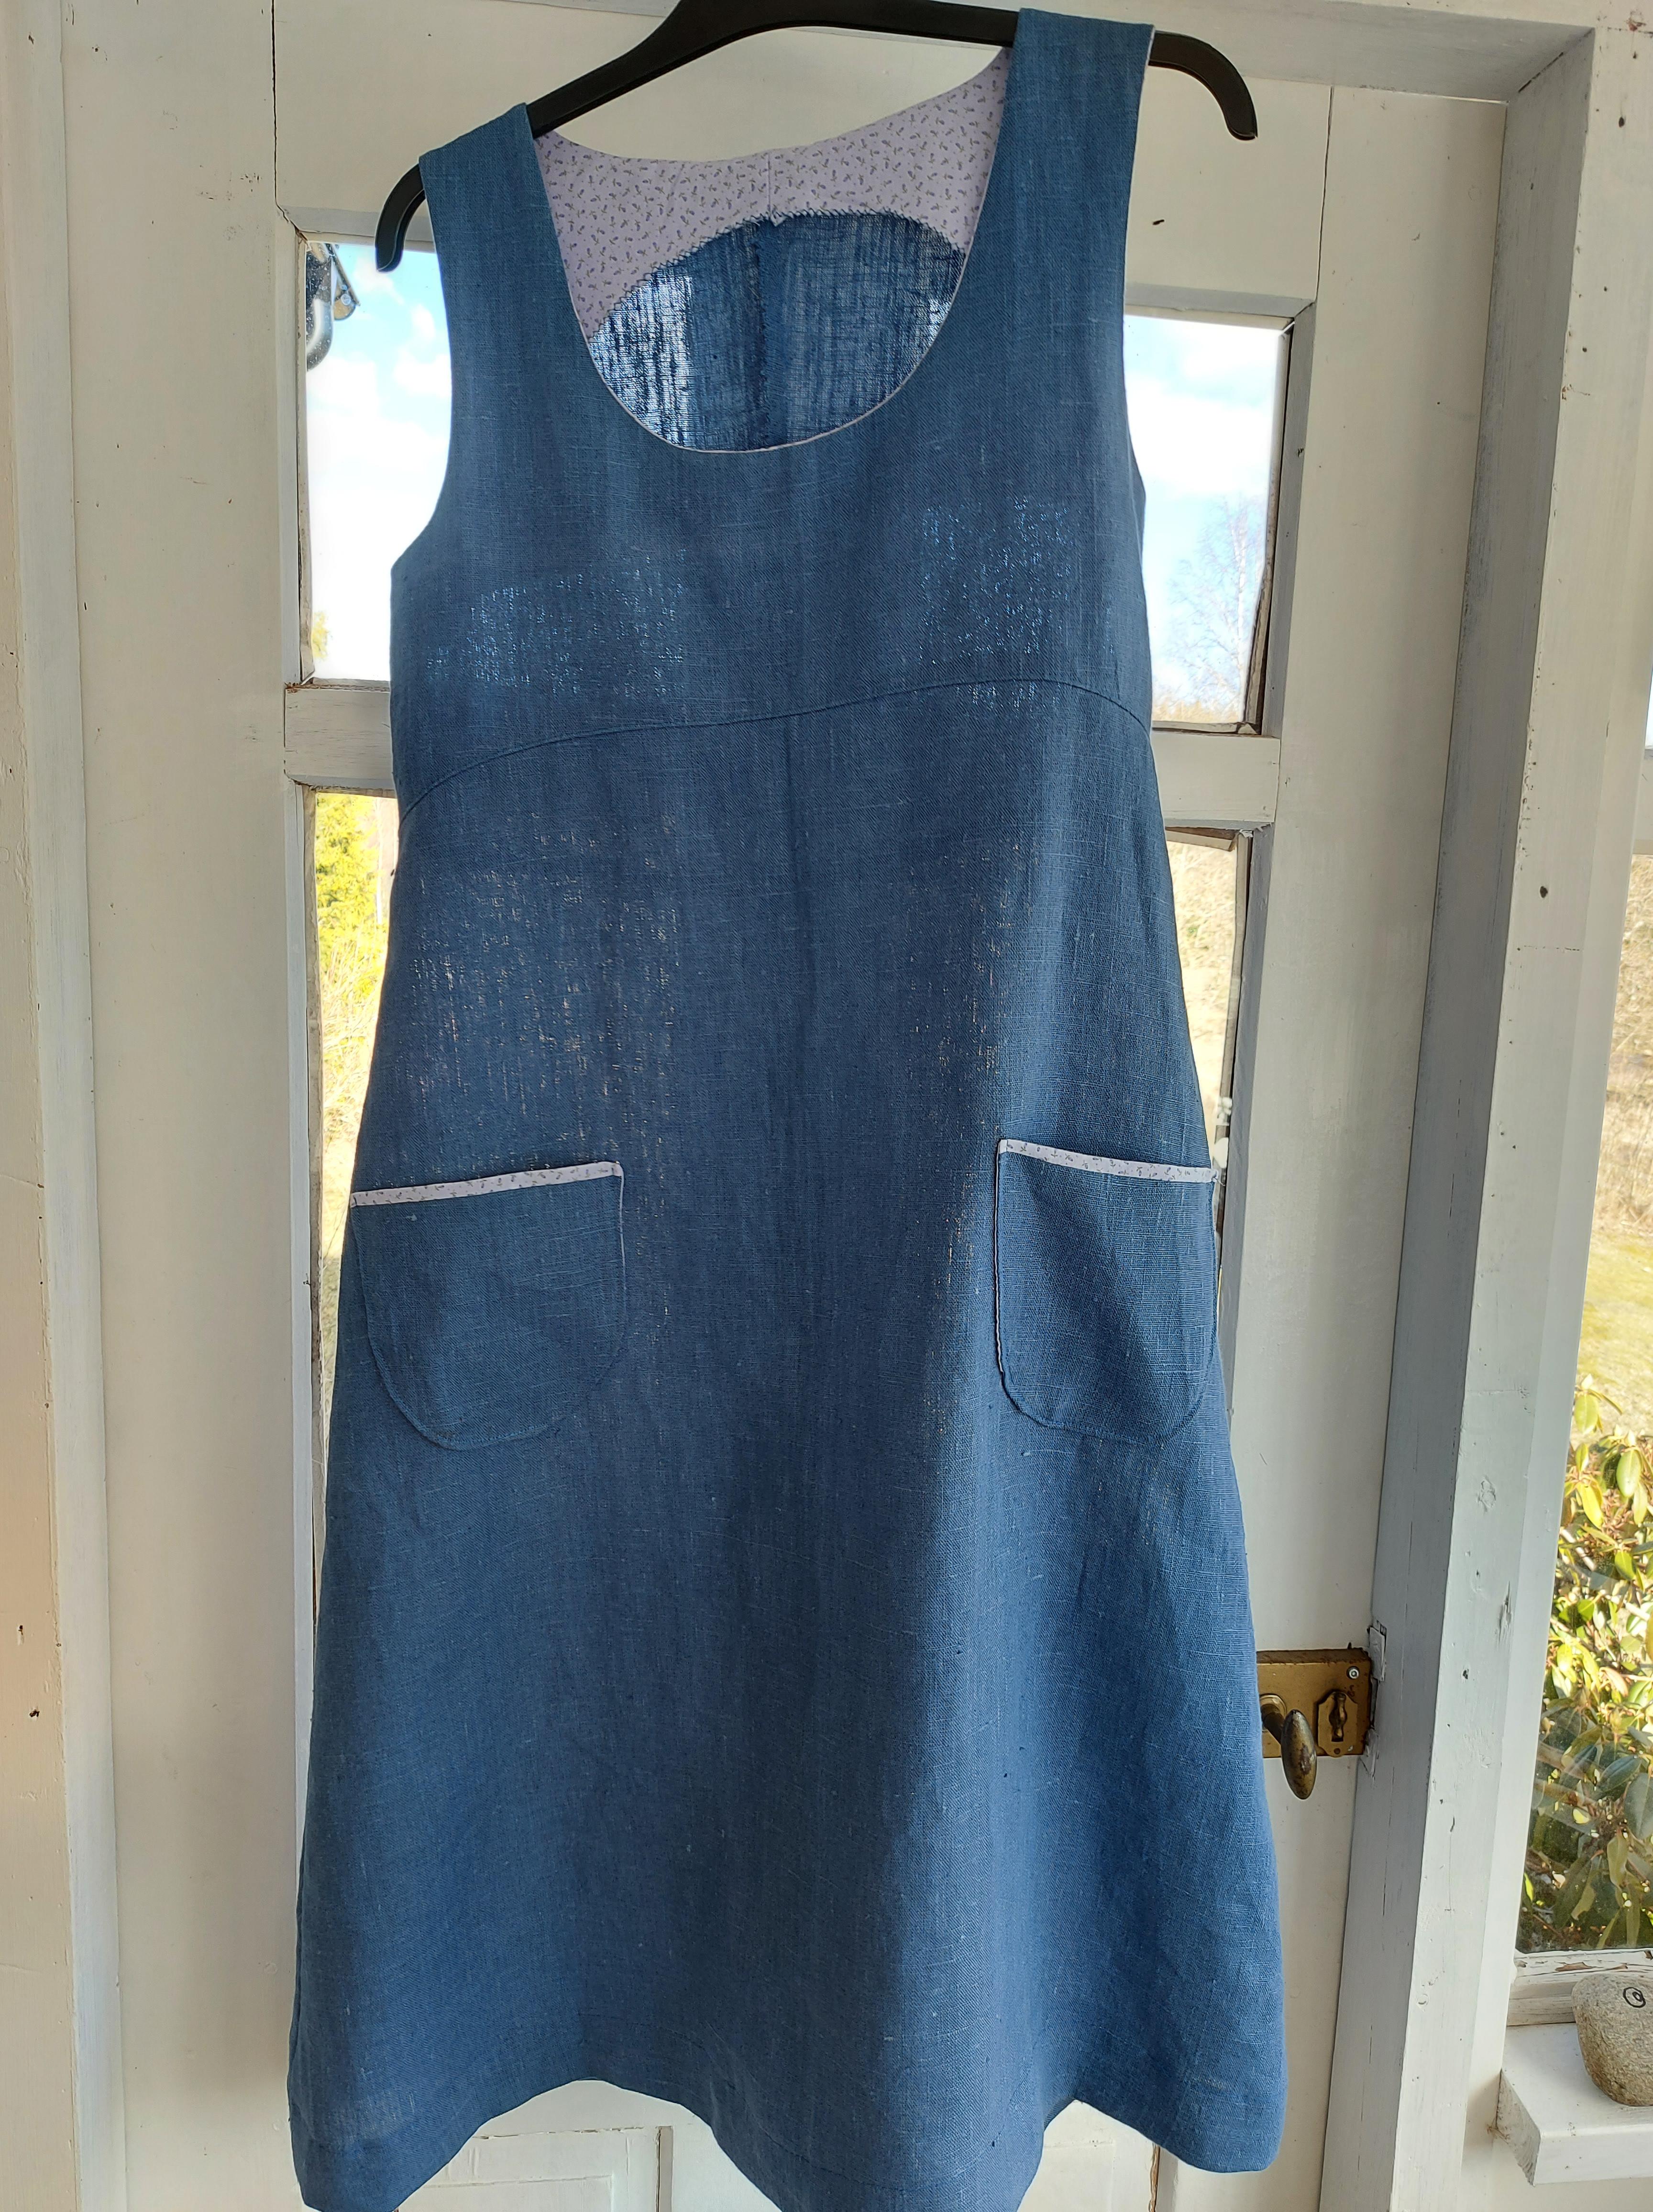 Blå linne klänningen utan ärmar, med påsydda fickor som har en liten kant av blommigt tyg